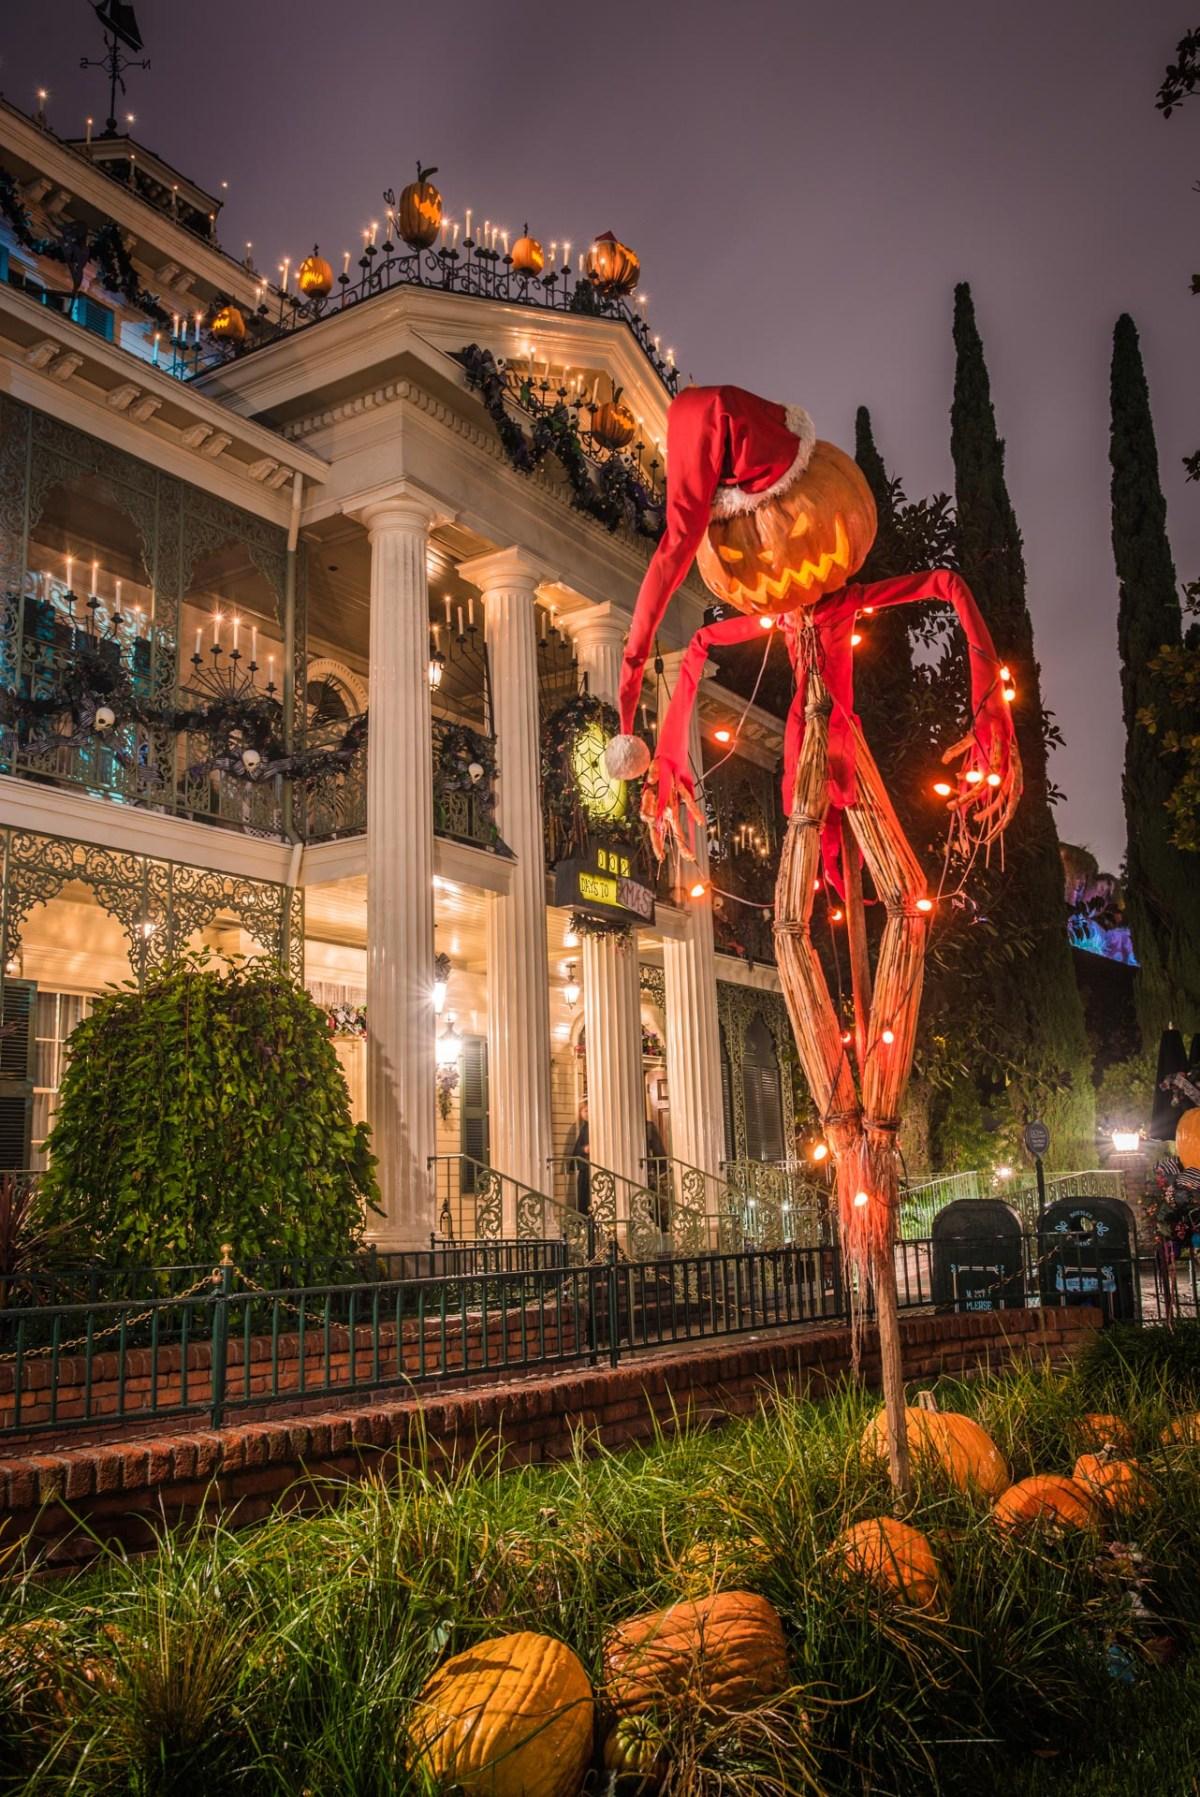 Christmas at Disneyland - Haunted Mansion